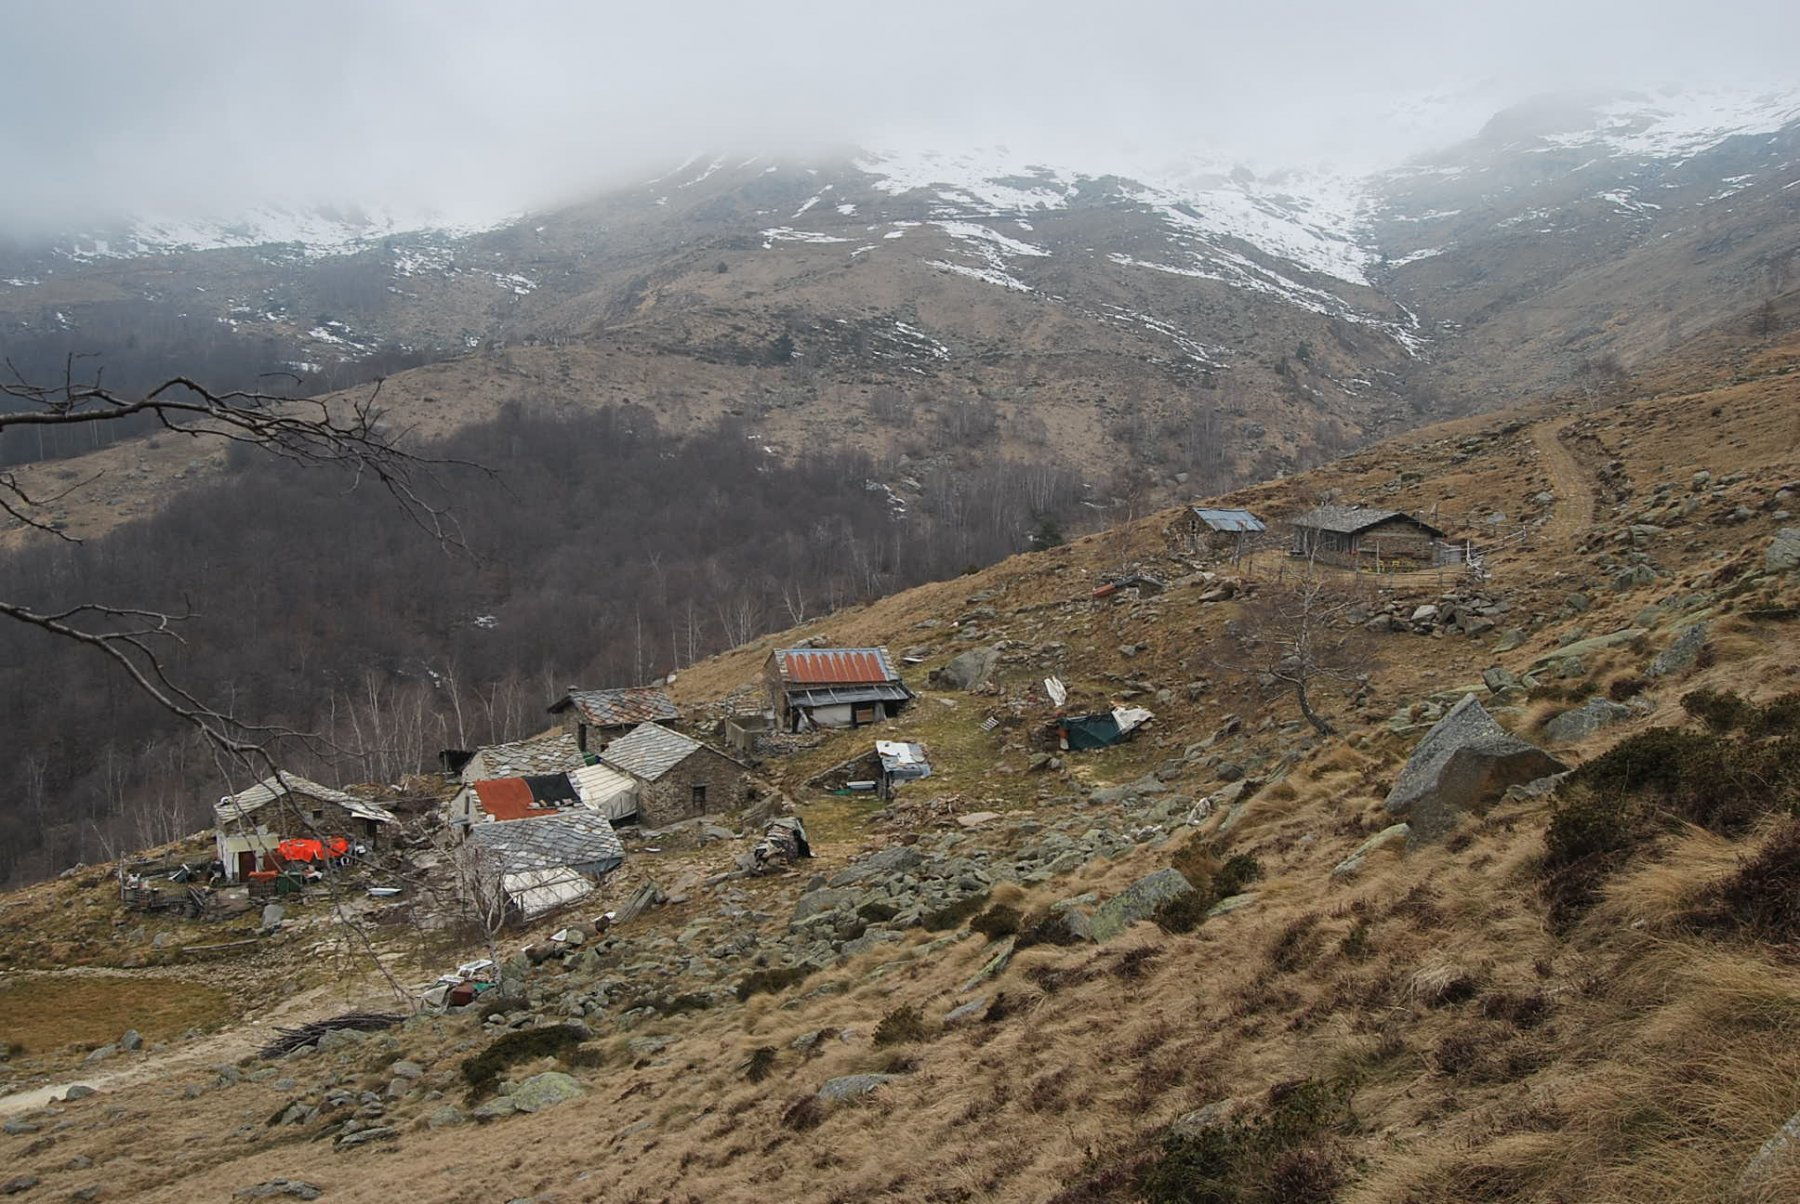 Paglie (Bric), da Graglia per il Col S. Carlo e traversata a Borgofranco 2020-02-25